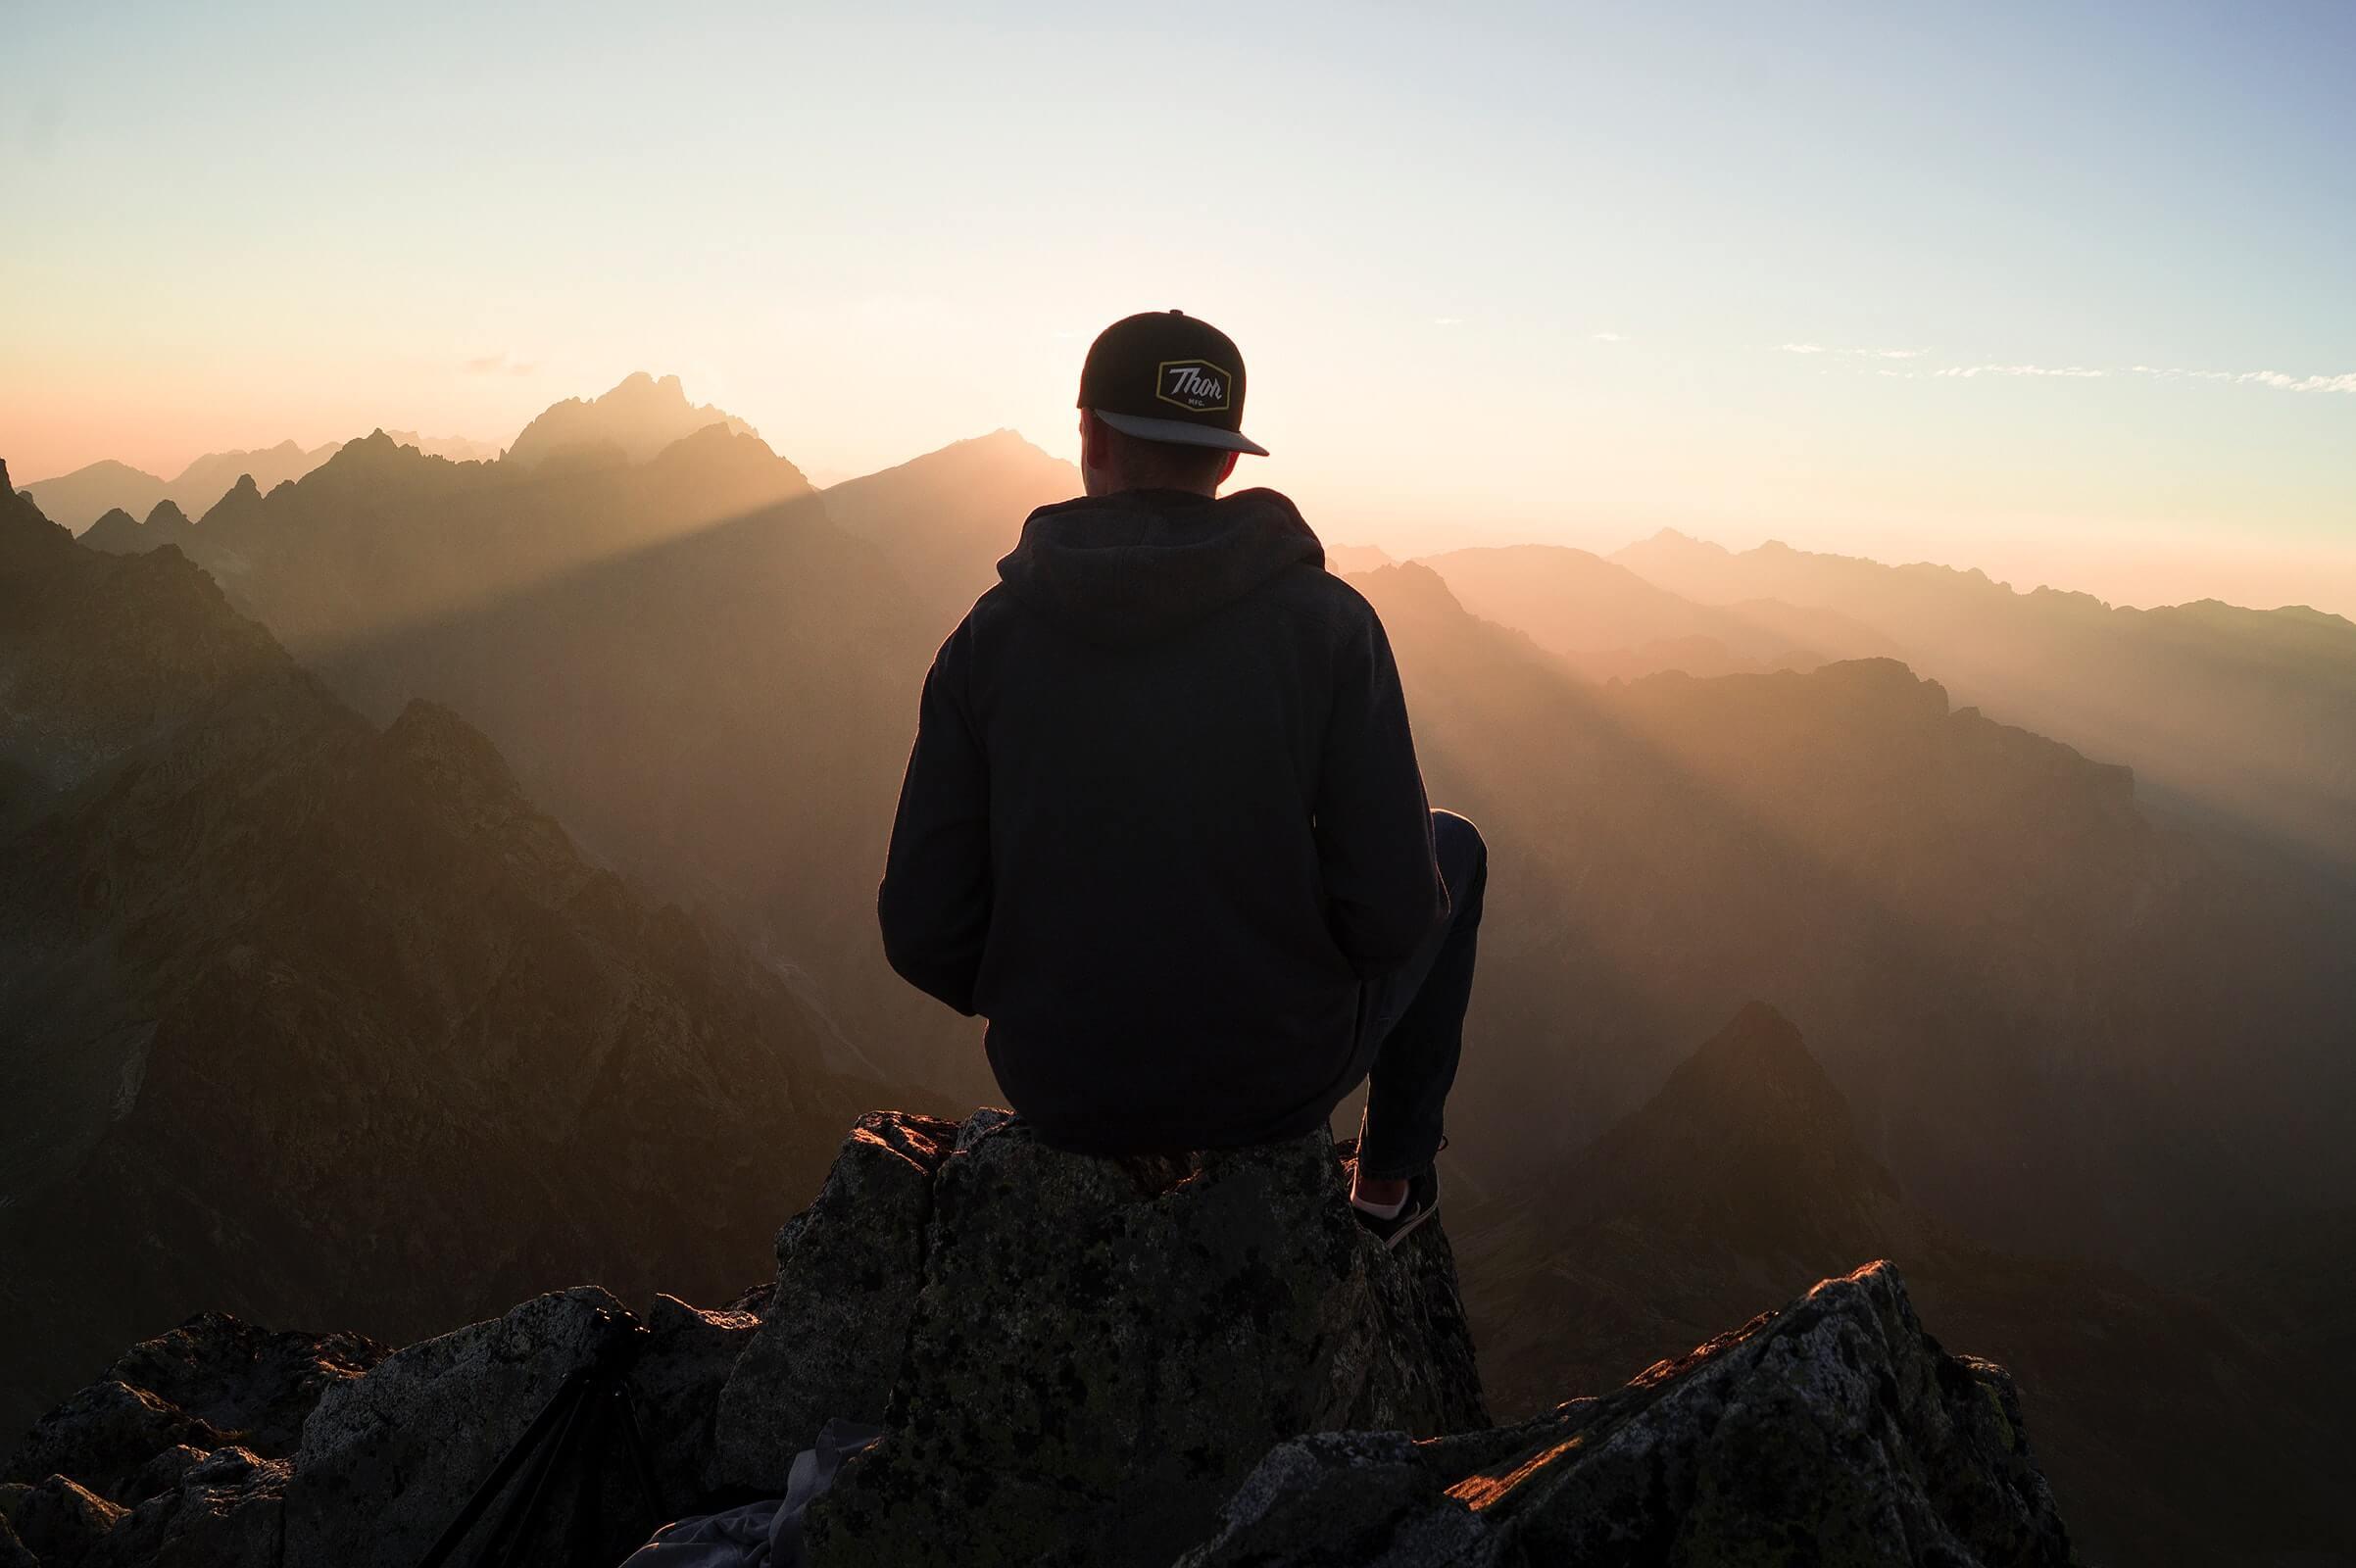 Ziele im Leben: So findest du die richtigen Ziele für dein Leben